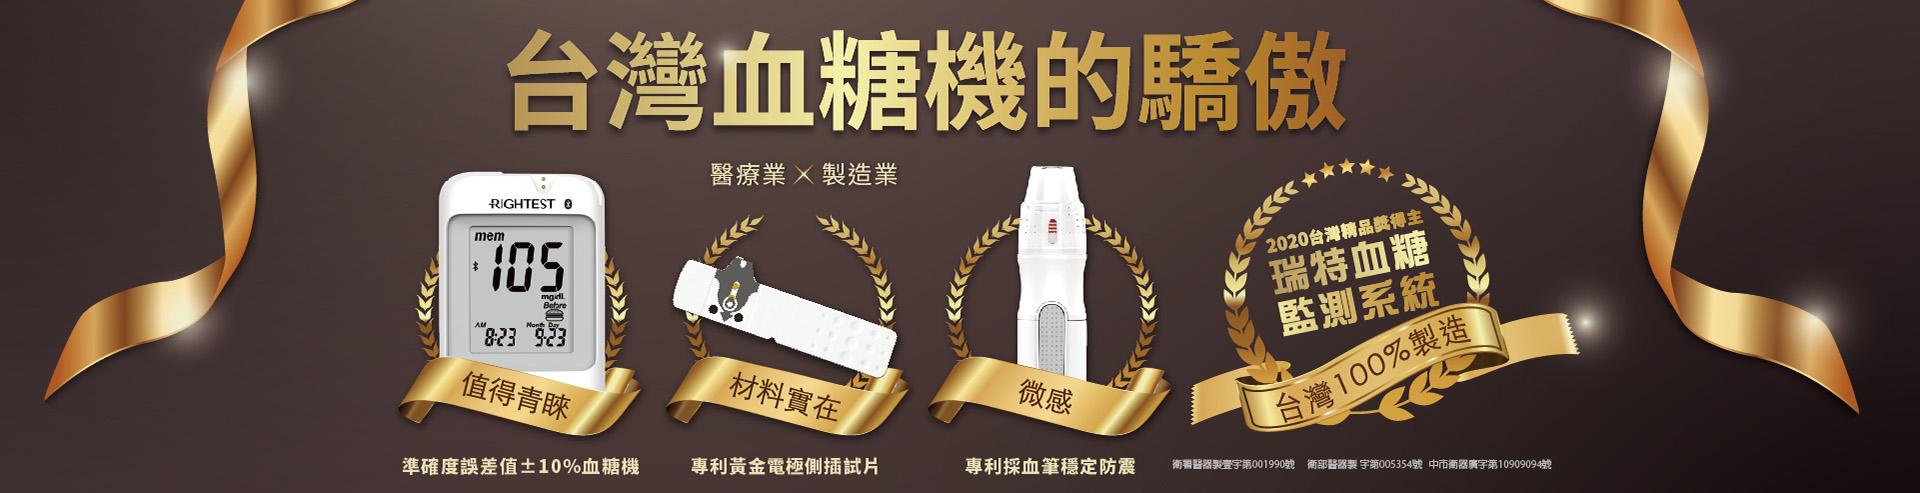 台灣血糖機的驕傲